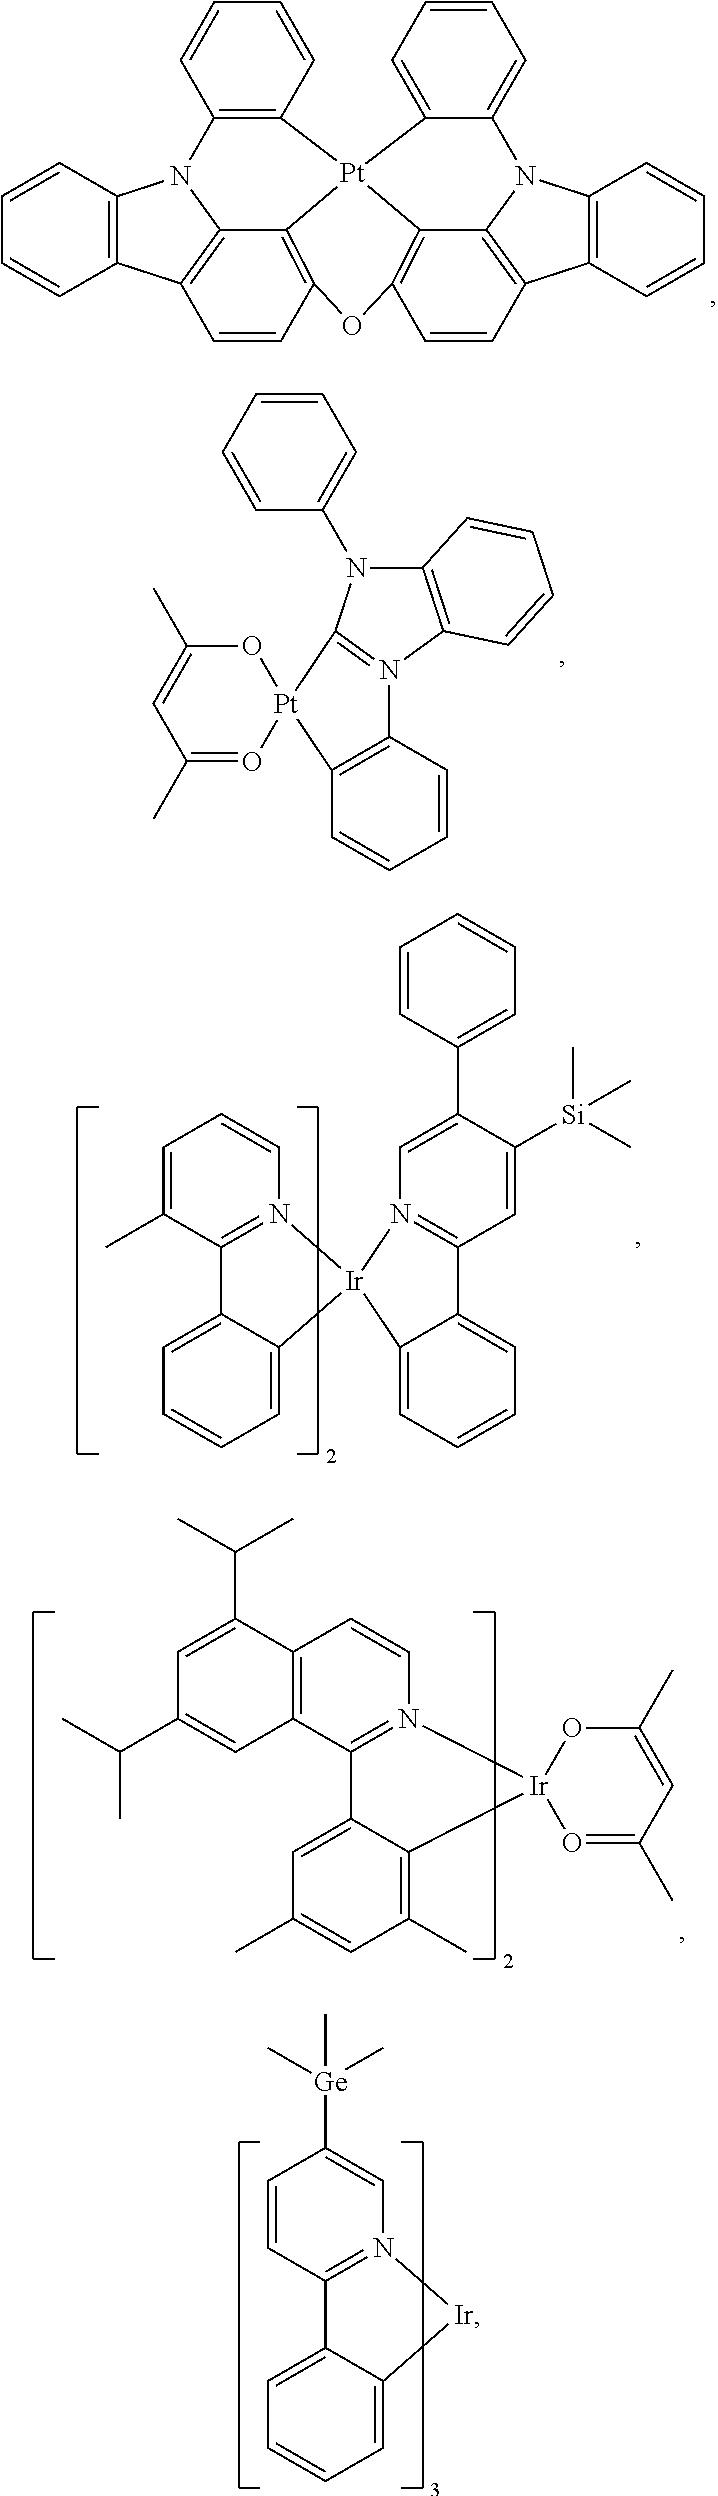 Figure US20180130962A1-20180510-C00184